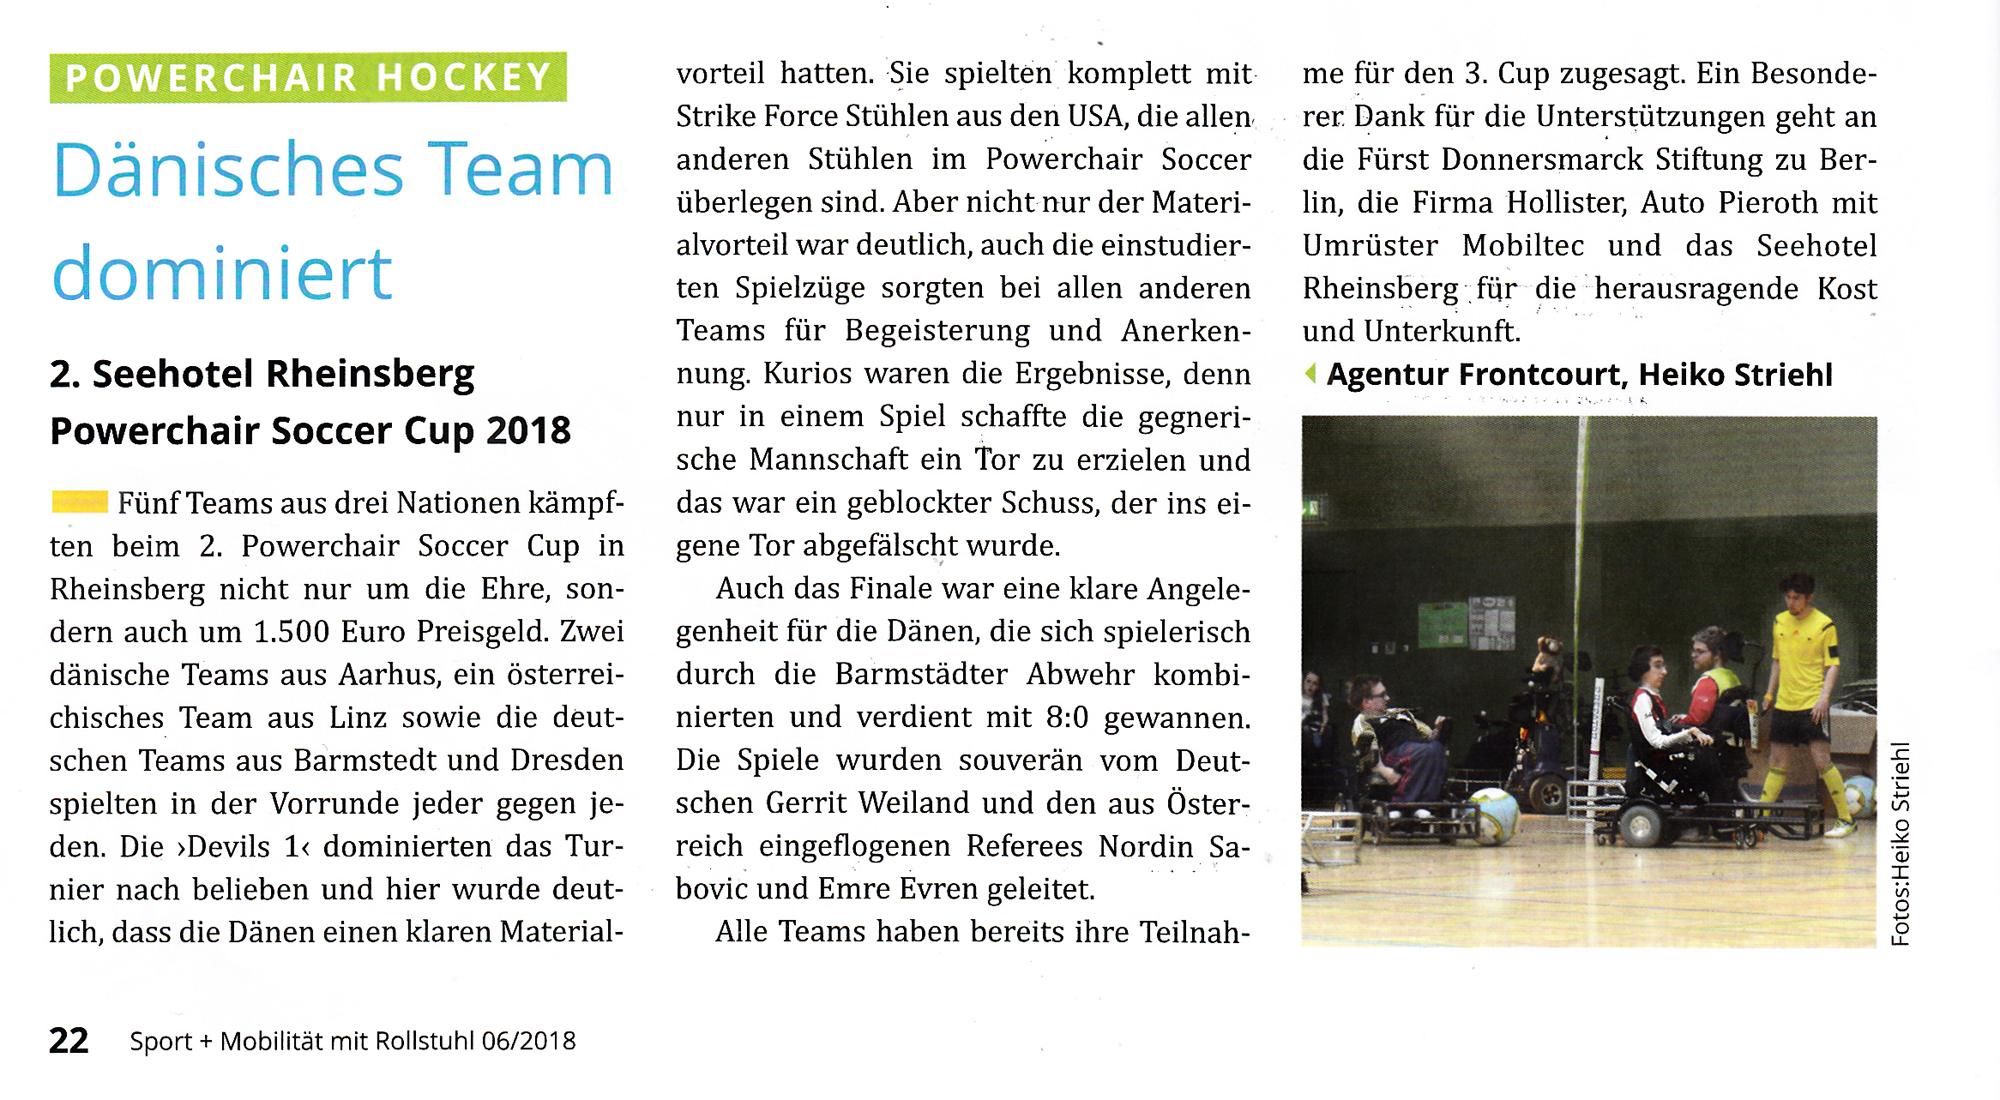 Rheinsberg CUP 2018 - Dänisches Team dominiert